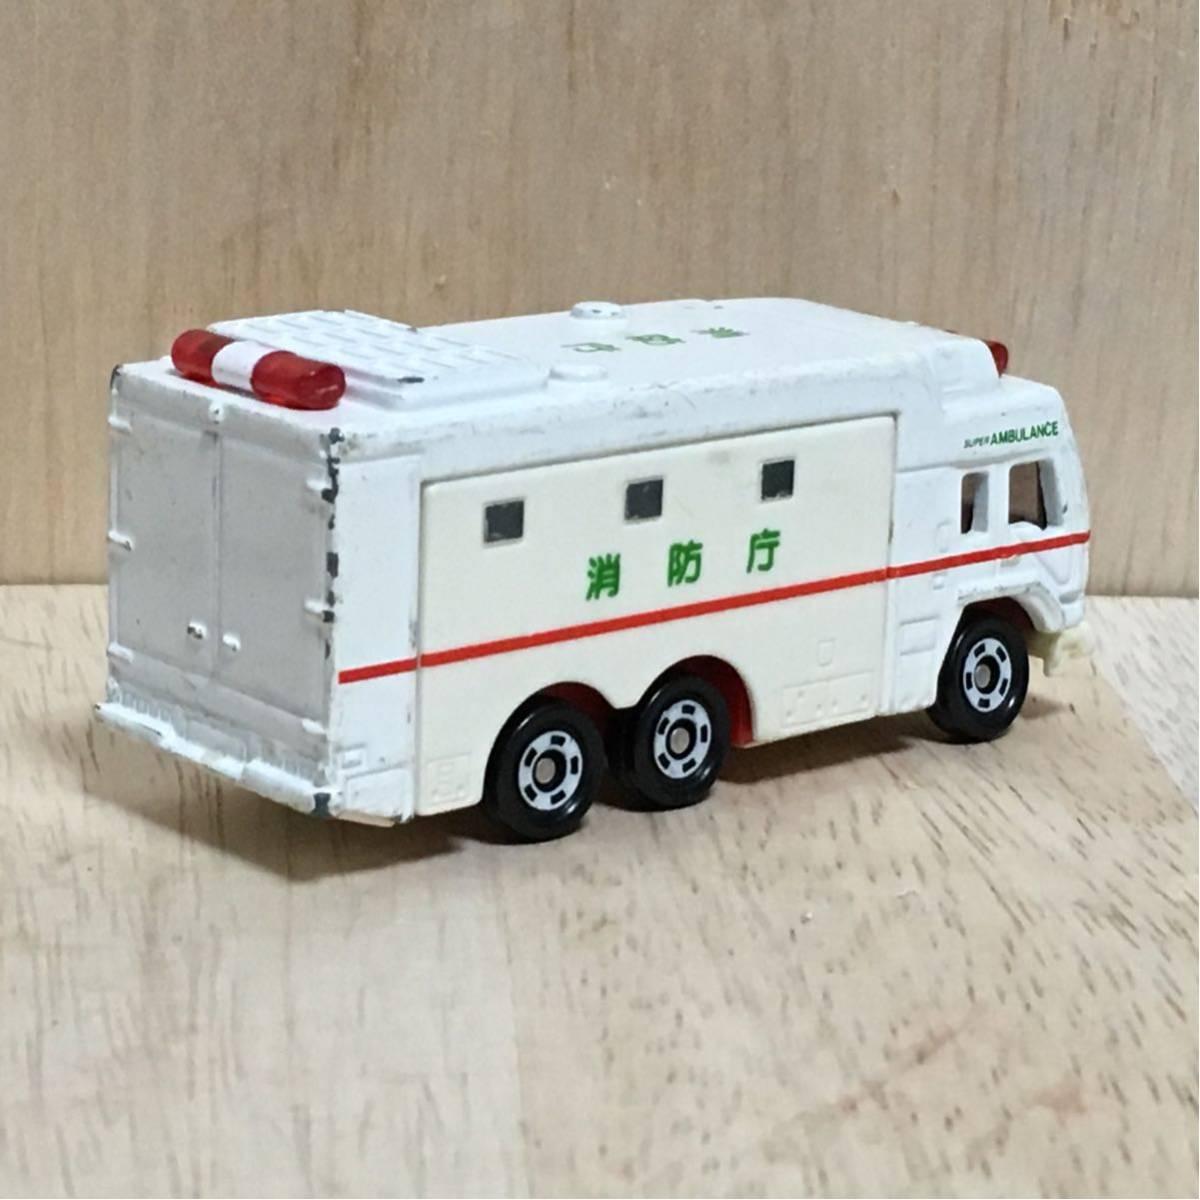 トミカ 116 スーパーアンビュランス 絶版 赤箱 救急車 スーパー アンビュランス 大型 トラック 三菱ふそう ザ・グレート FUSO MITSUBISHI_画像2